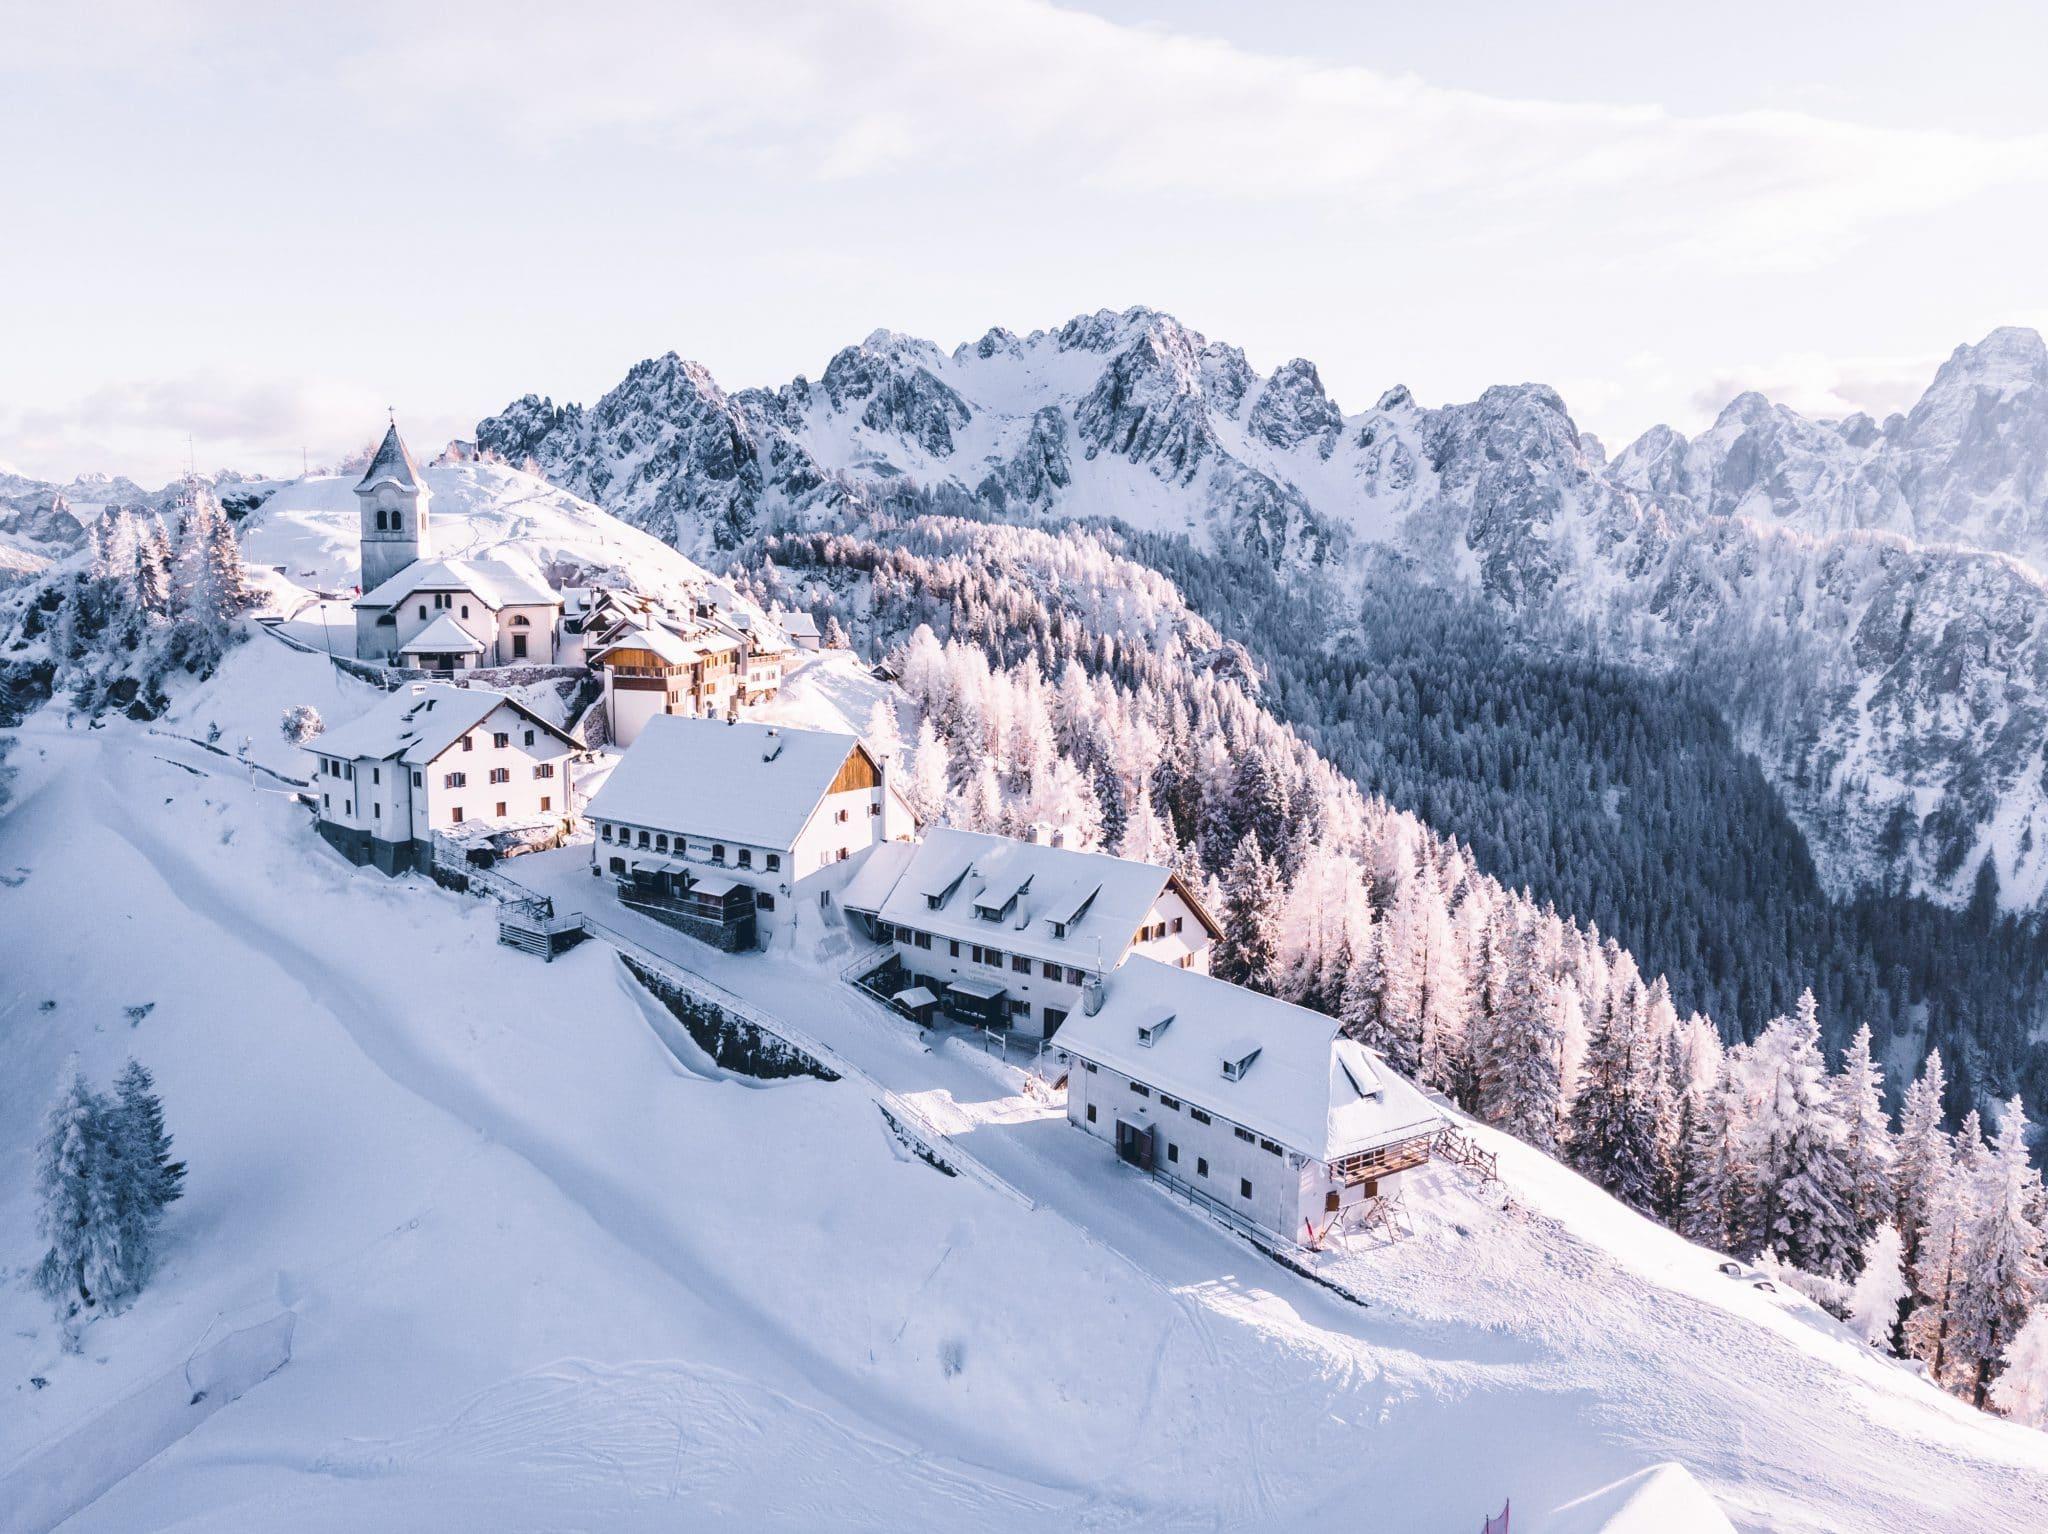 Montagnes enneigées pour les vacances de noel 2019